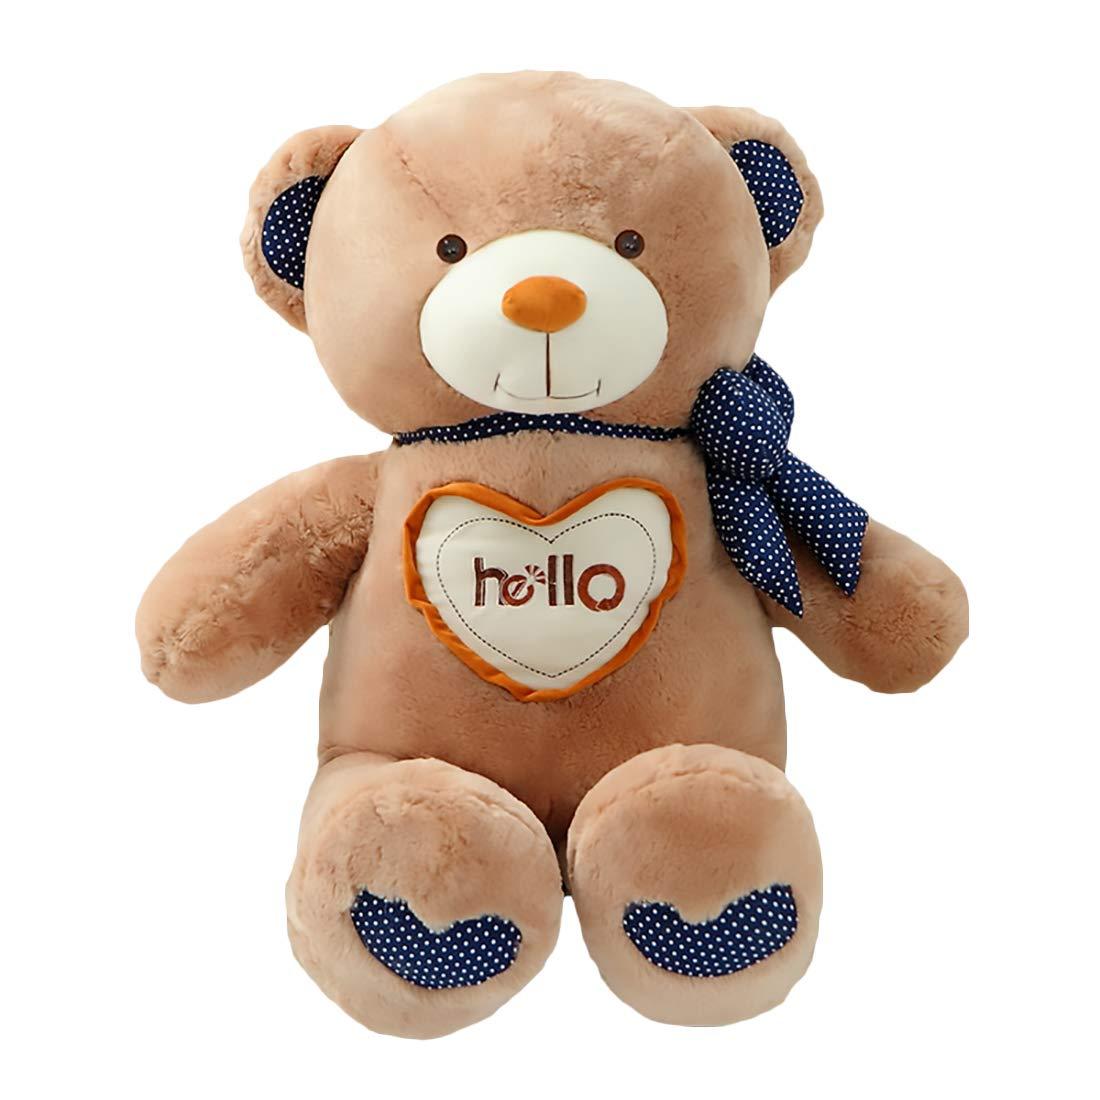 Zhyaj Teddybär,Hello Bear Plüsch Handgefertigt Netter Entwurf Kein Geruch Es Ist eine PlüSchpuppe Super Weißher PlüSch Und PP-Baumwollpolsterung 70150CM Ist Eine Perfekte Wahl braun L